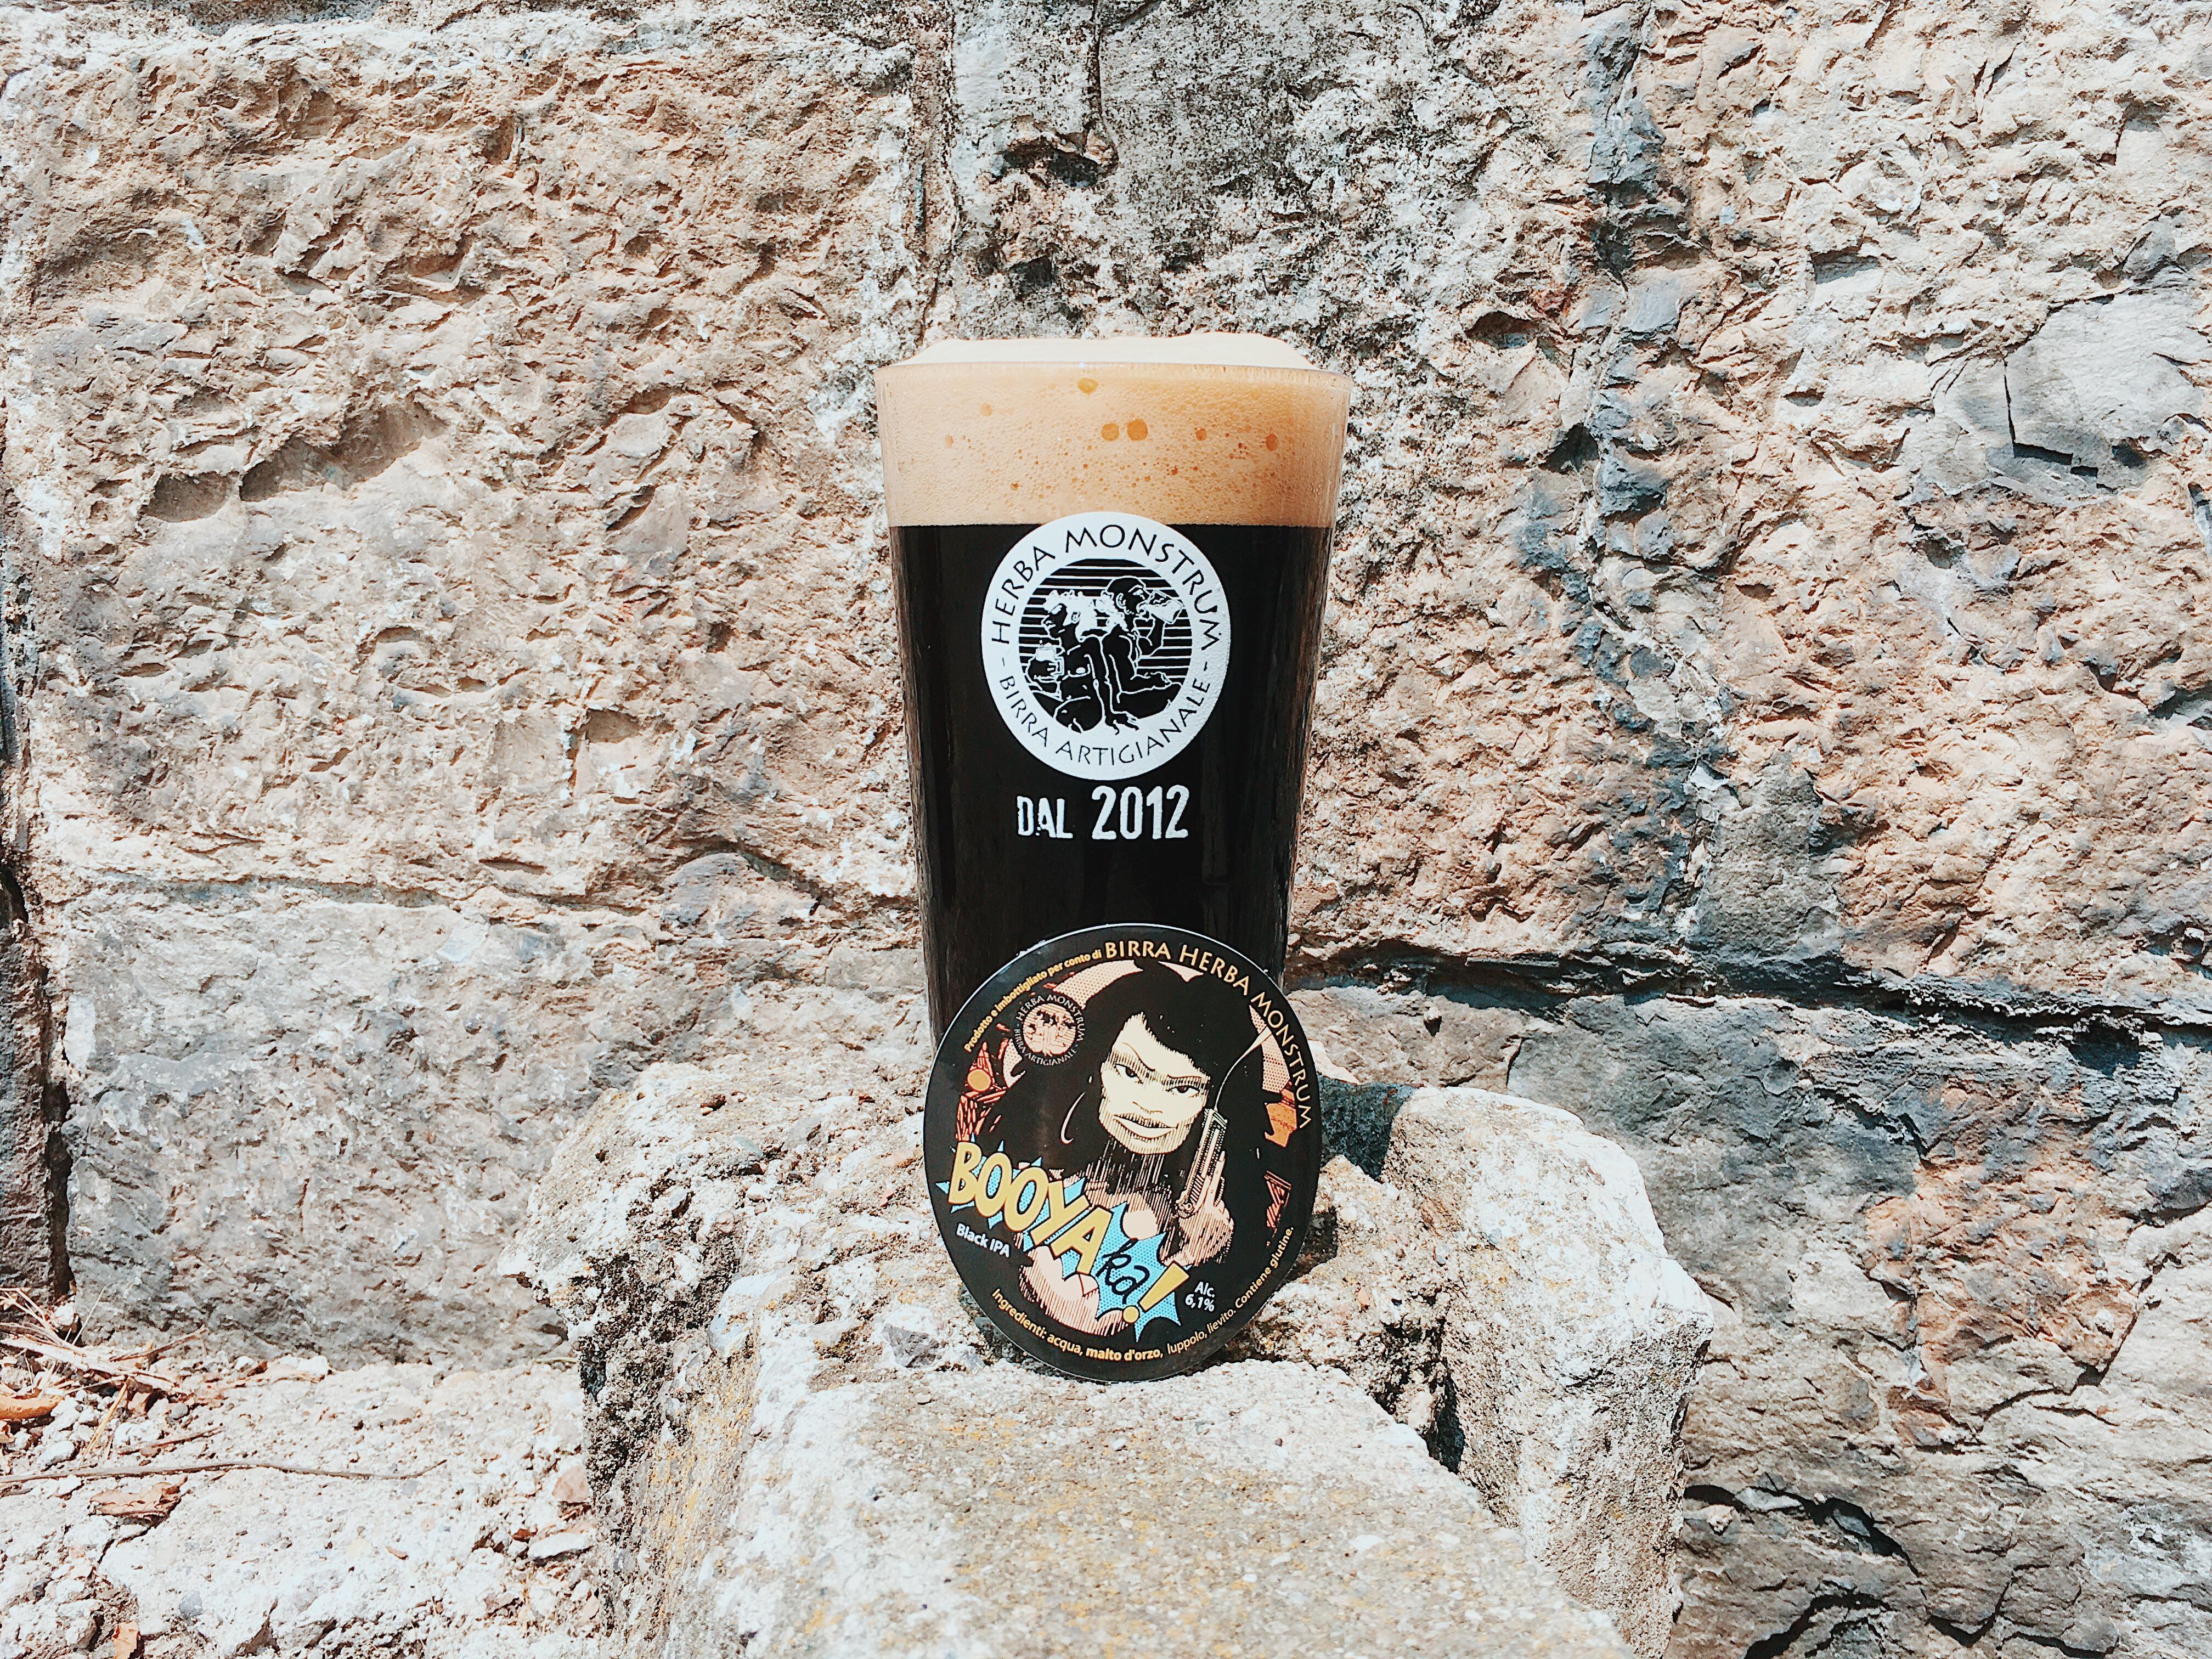 Booyaka, la nuova birra di Herba Monstrum. BLACK IPA (6,1%) presentazione sabato 14 luglio 2018 al Parco Ludico di Galbiate